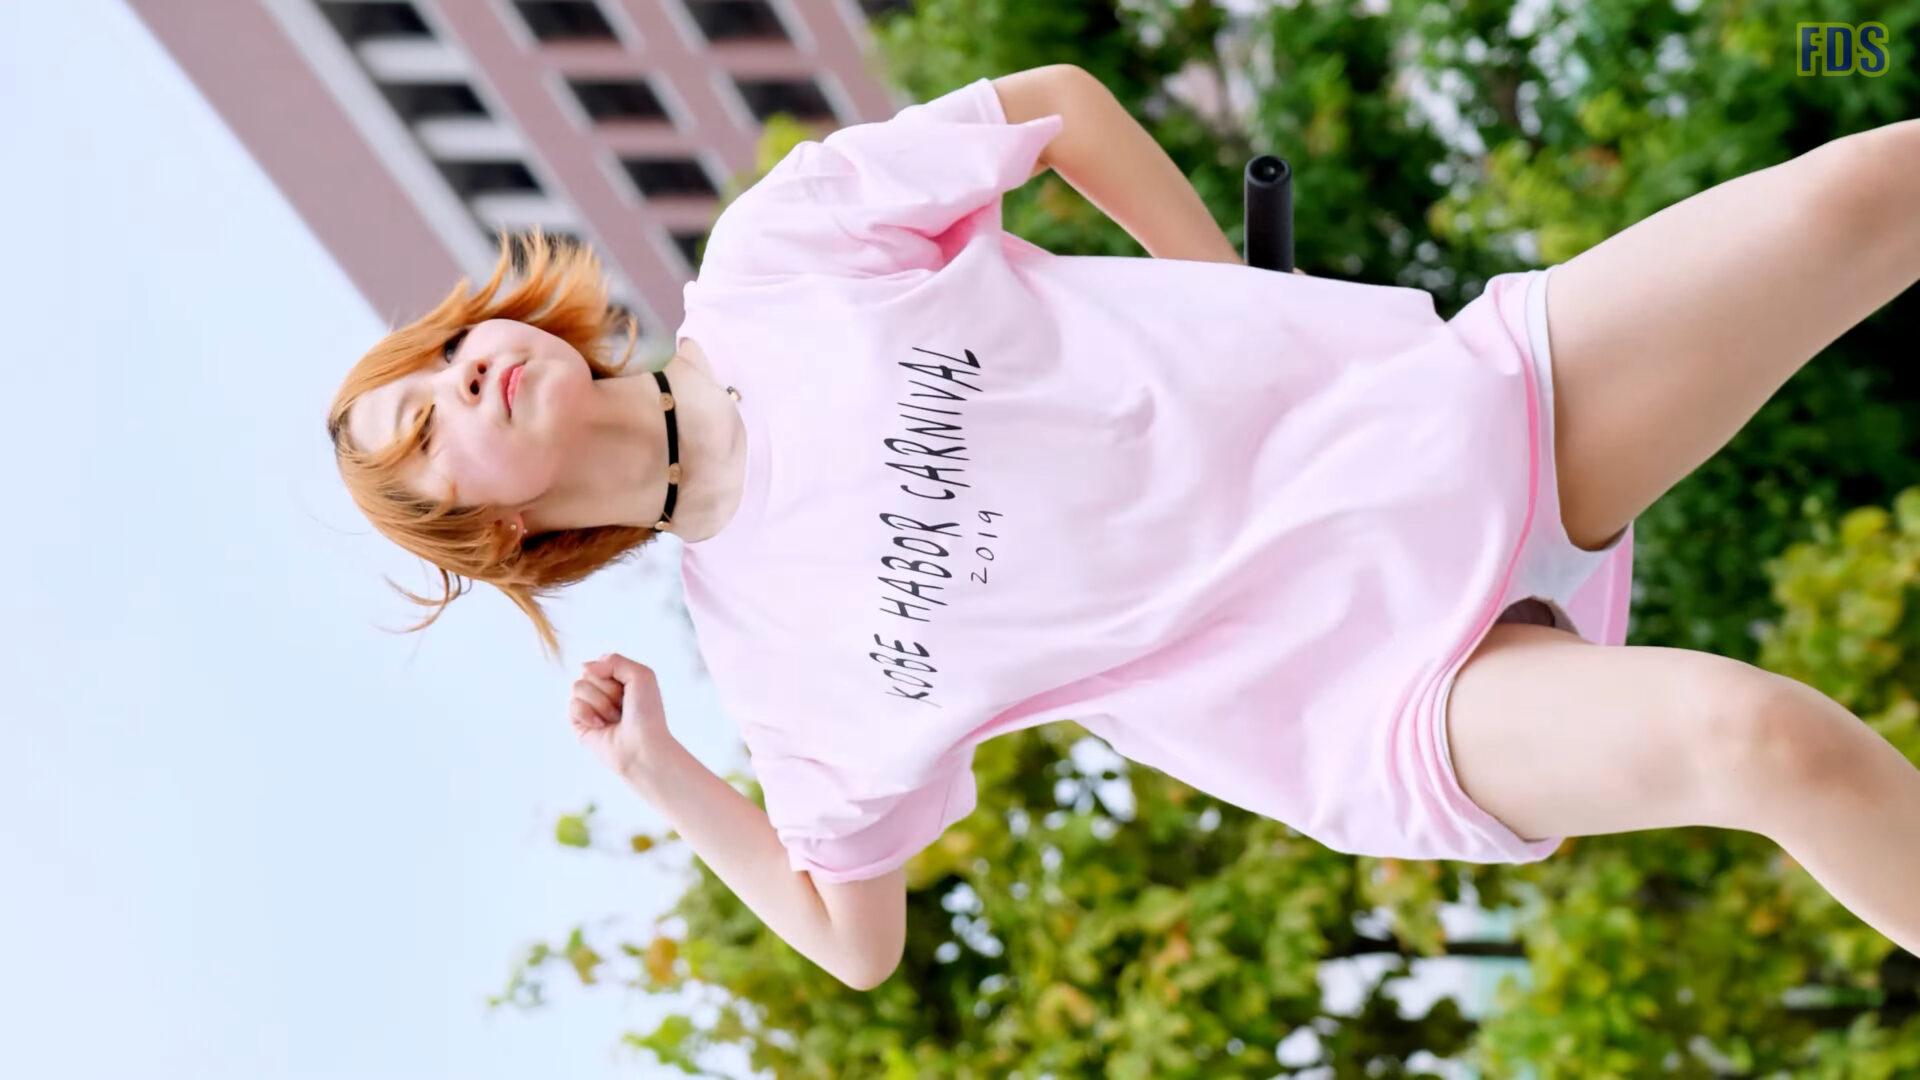 民謡女子ハピネス組 アイドル 『コキリコ節』 Japanese girls Idol group [4K] 02:41